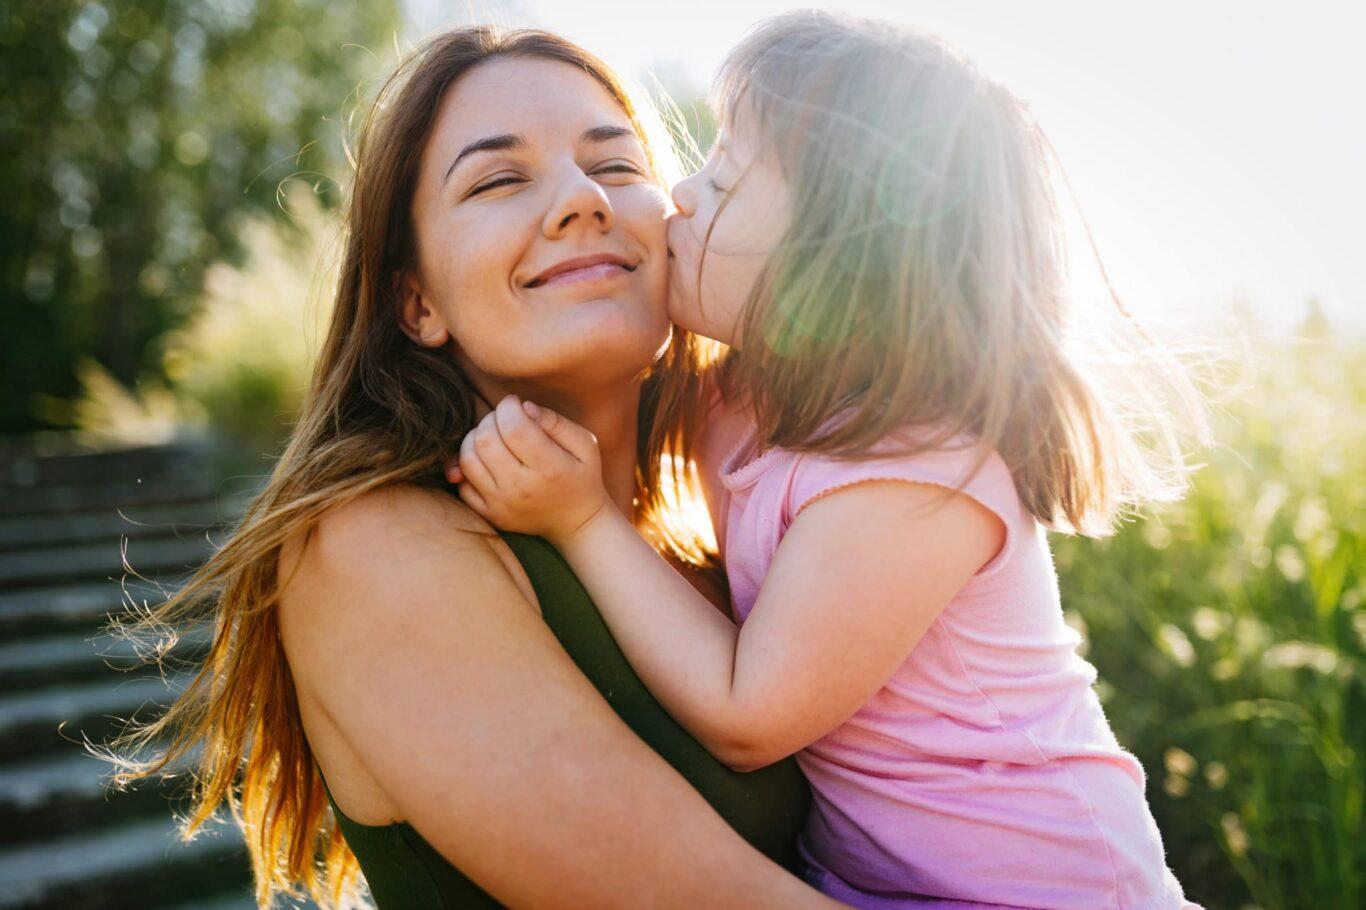 Muttertag, der Tag zur Ehrung der Mütter